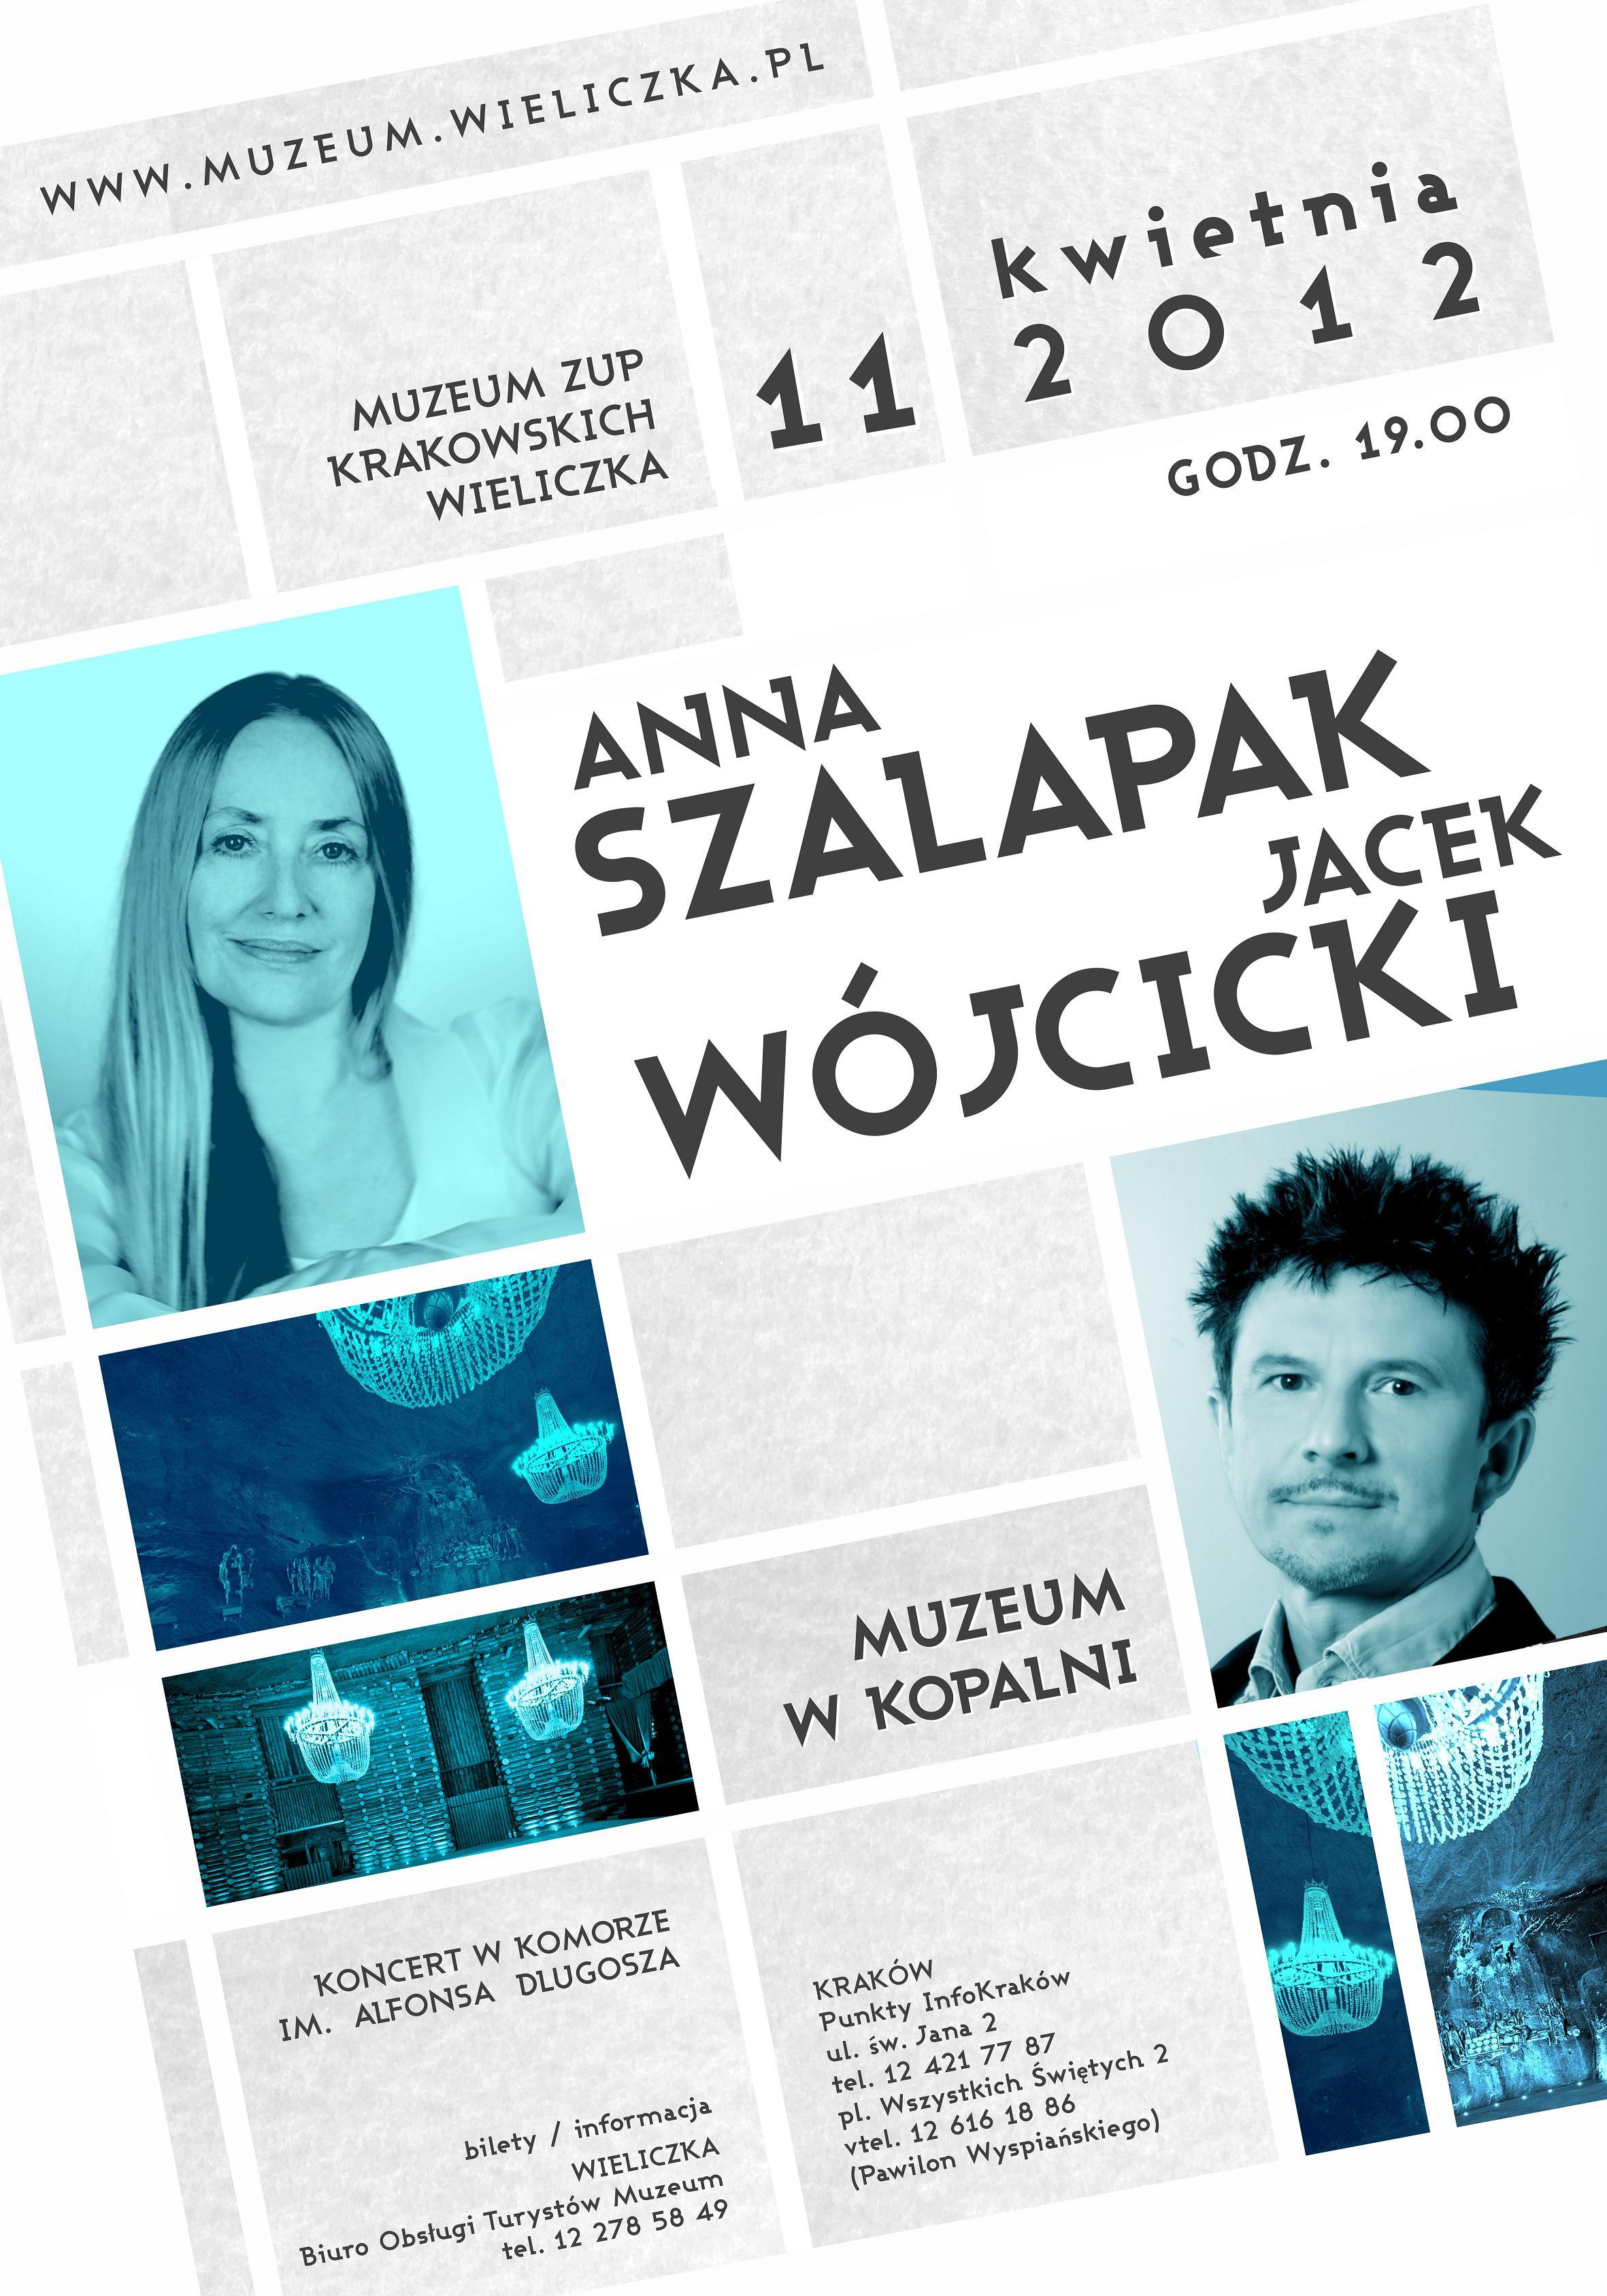 Koncert w wykonaniu Anny Szałapak i Jacka Wójcickiego